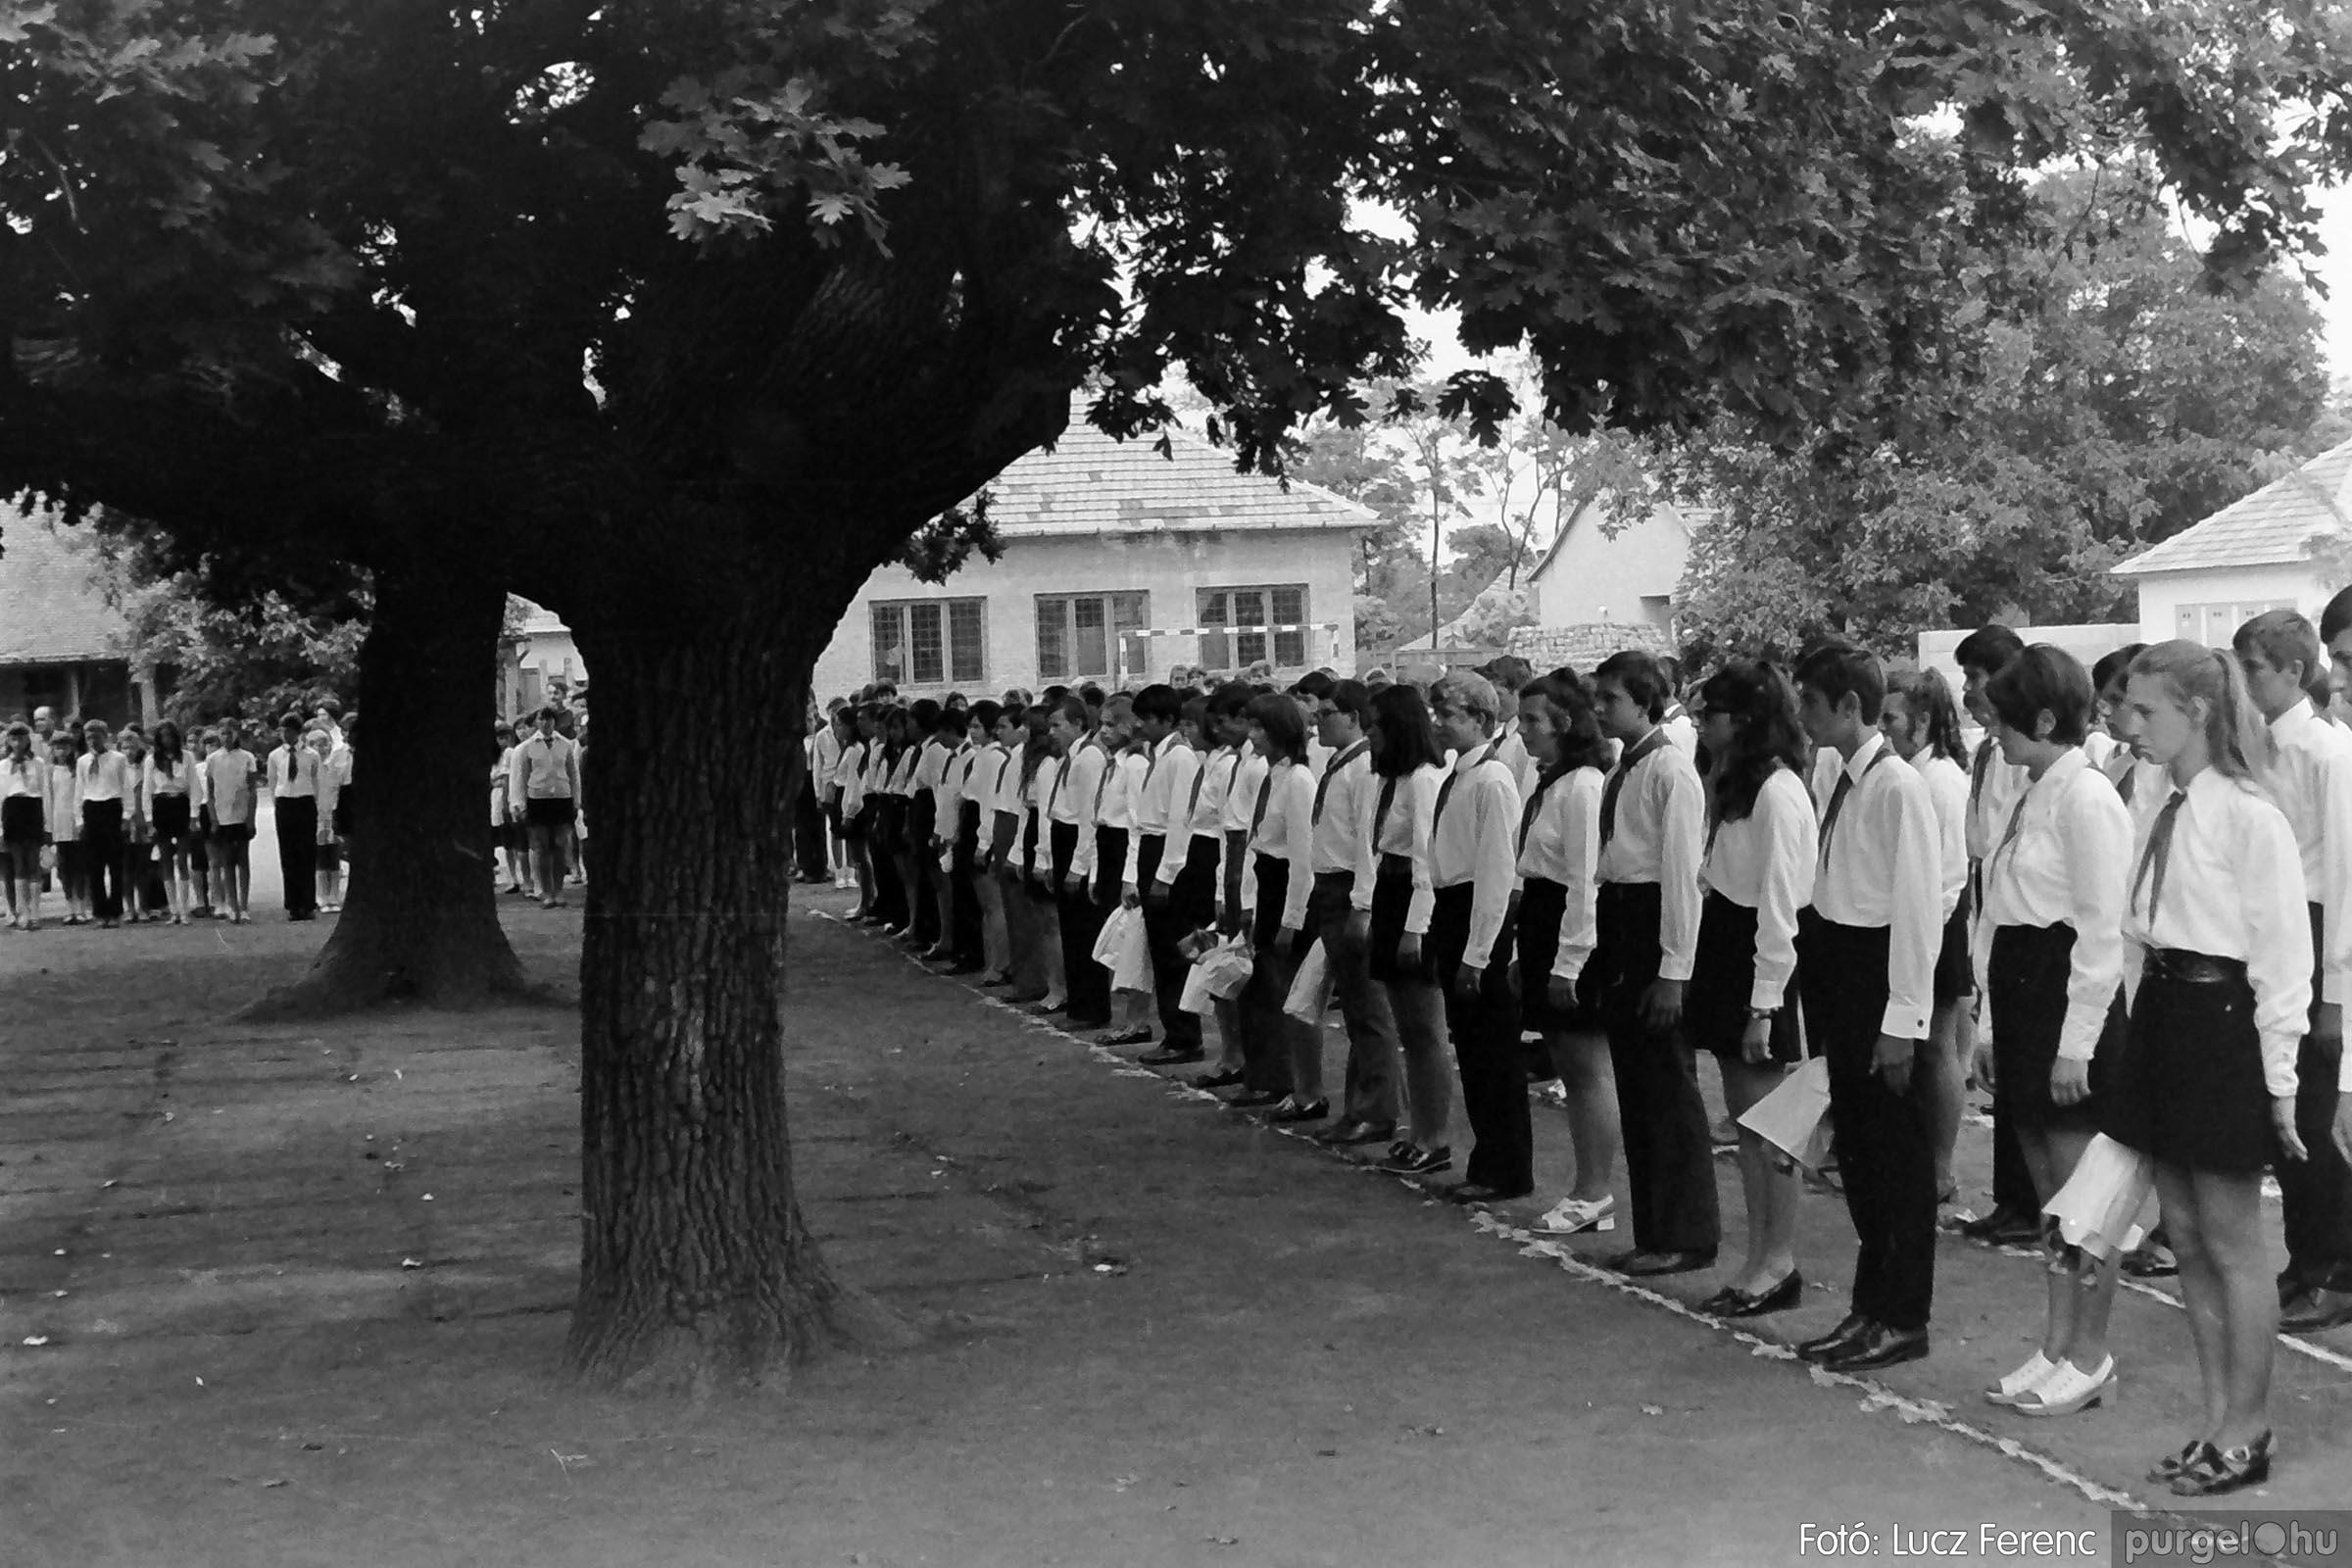 001 1972.05.27. Ballagás a szegvári iskolában 023 - Fotó: Lucz Ferenc - IMG01080q.jpg